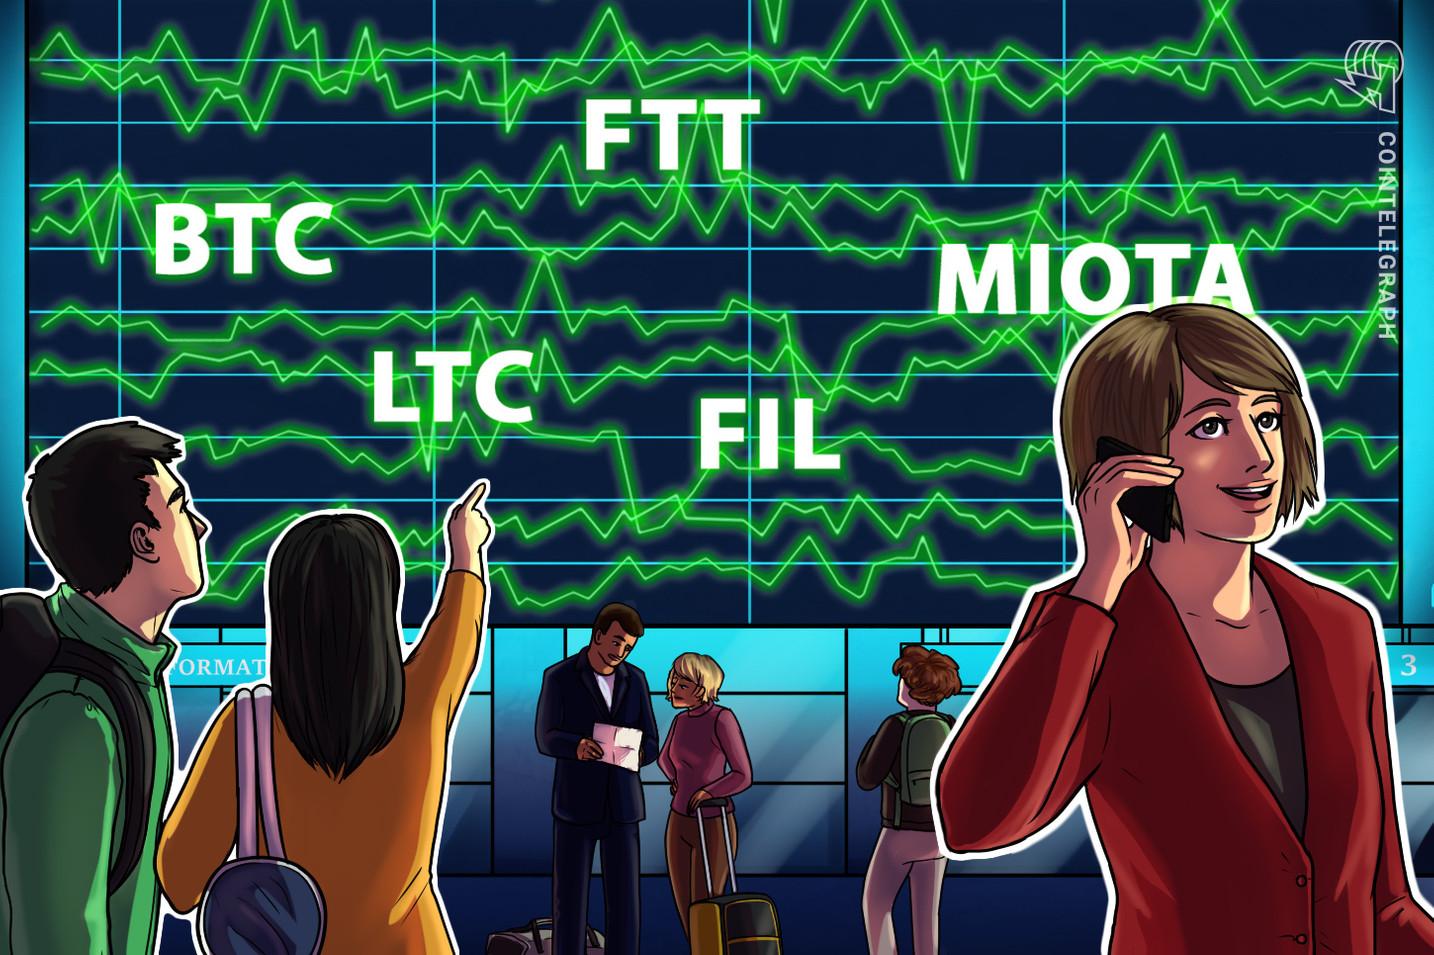 Top 5 criptomoedas para ficar de olho esta semana: BTC, LTC, FIL, FTT, MIOTA